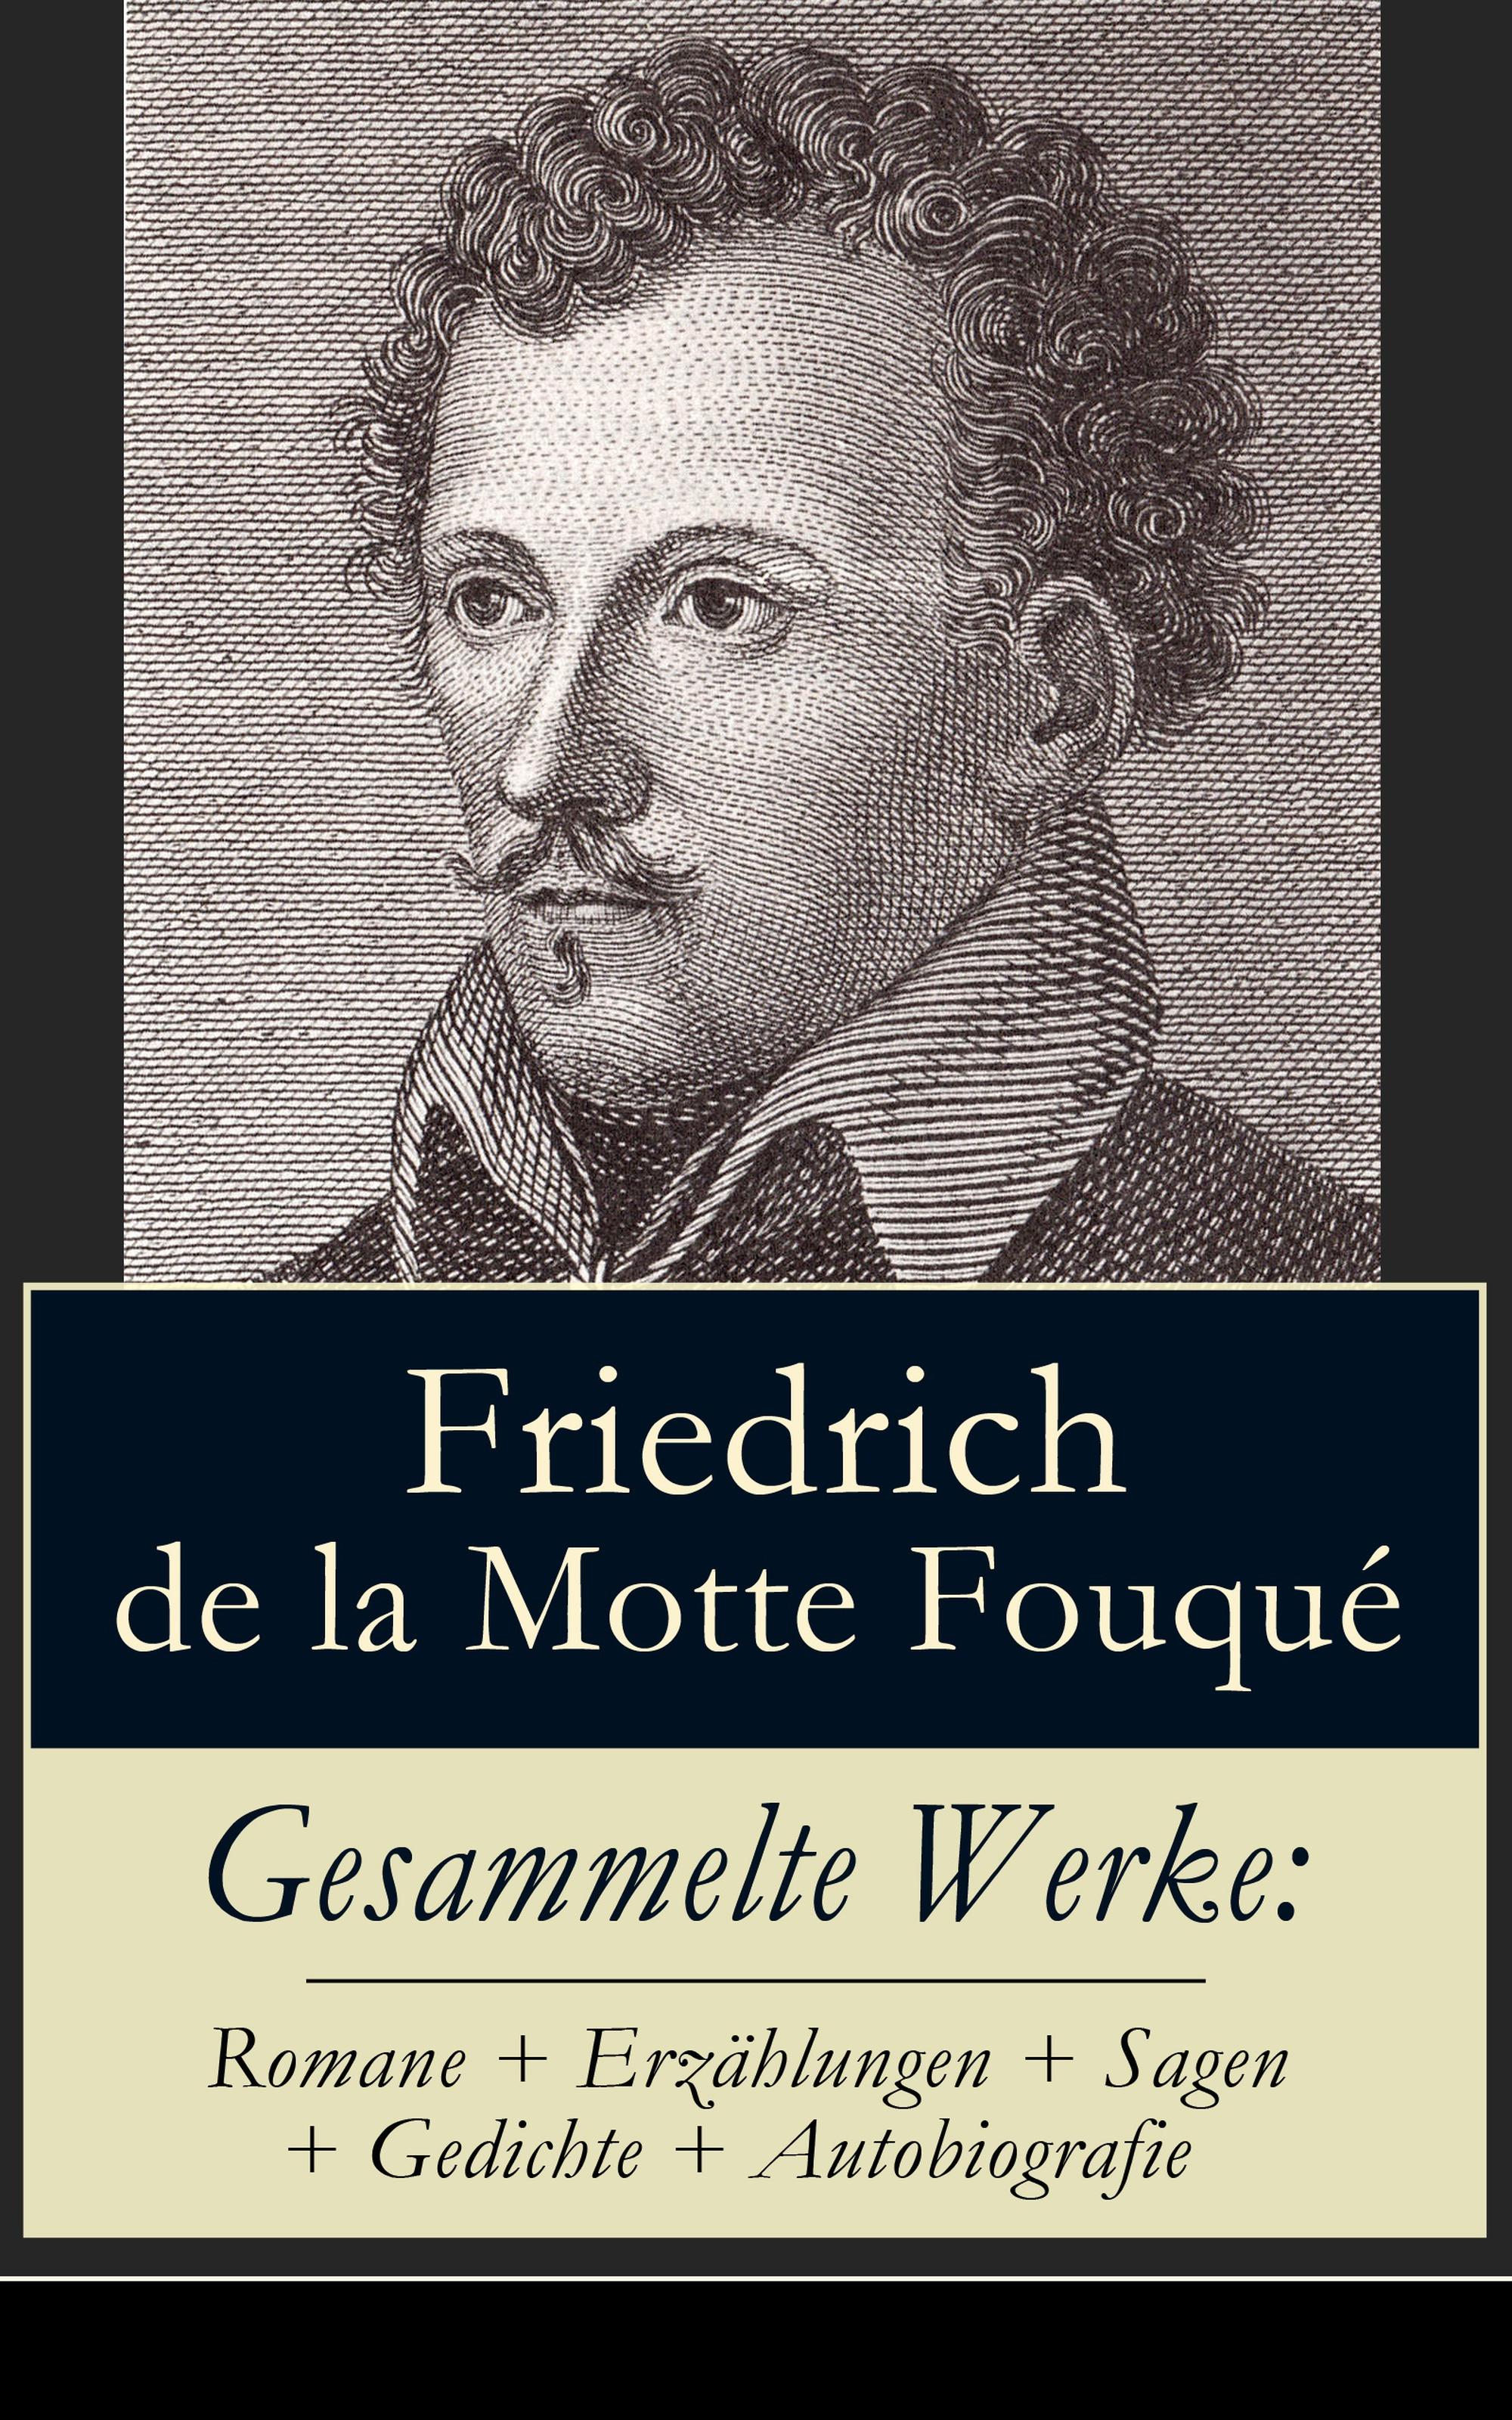 Friedrich de la Motte Fouque Gesammelte Werke: Romane + Erzählungen + Sagen + Gedichte + Autobiografie